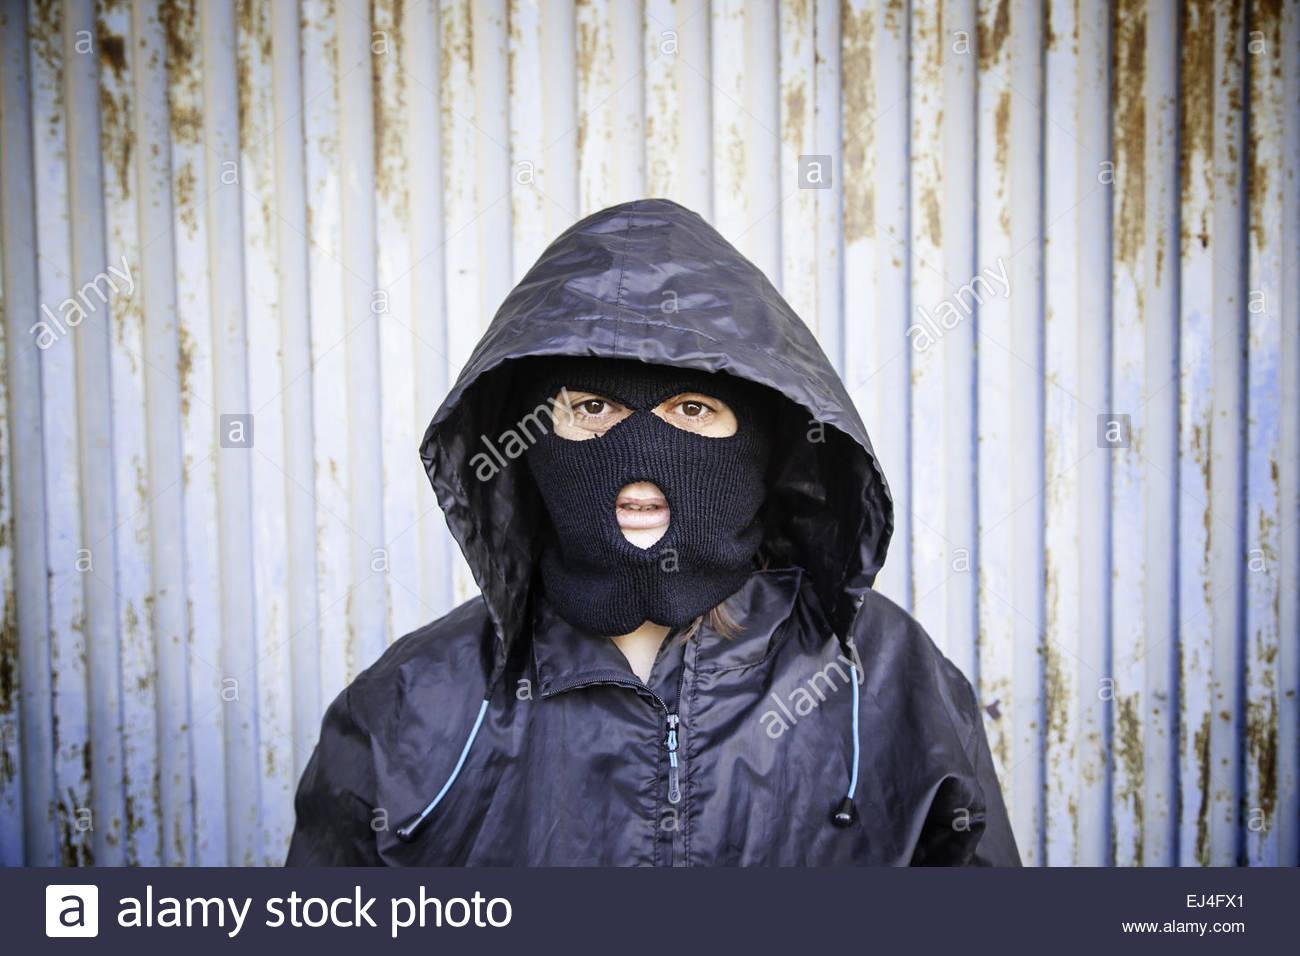 Masques de ski femme avec capuche et masque violents Photo Stock